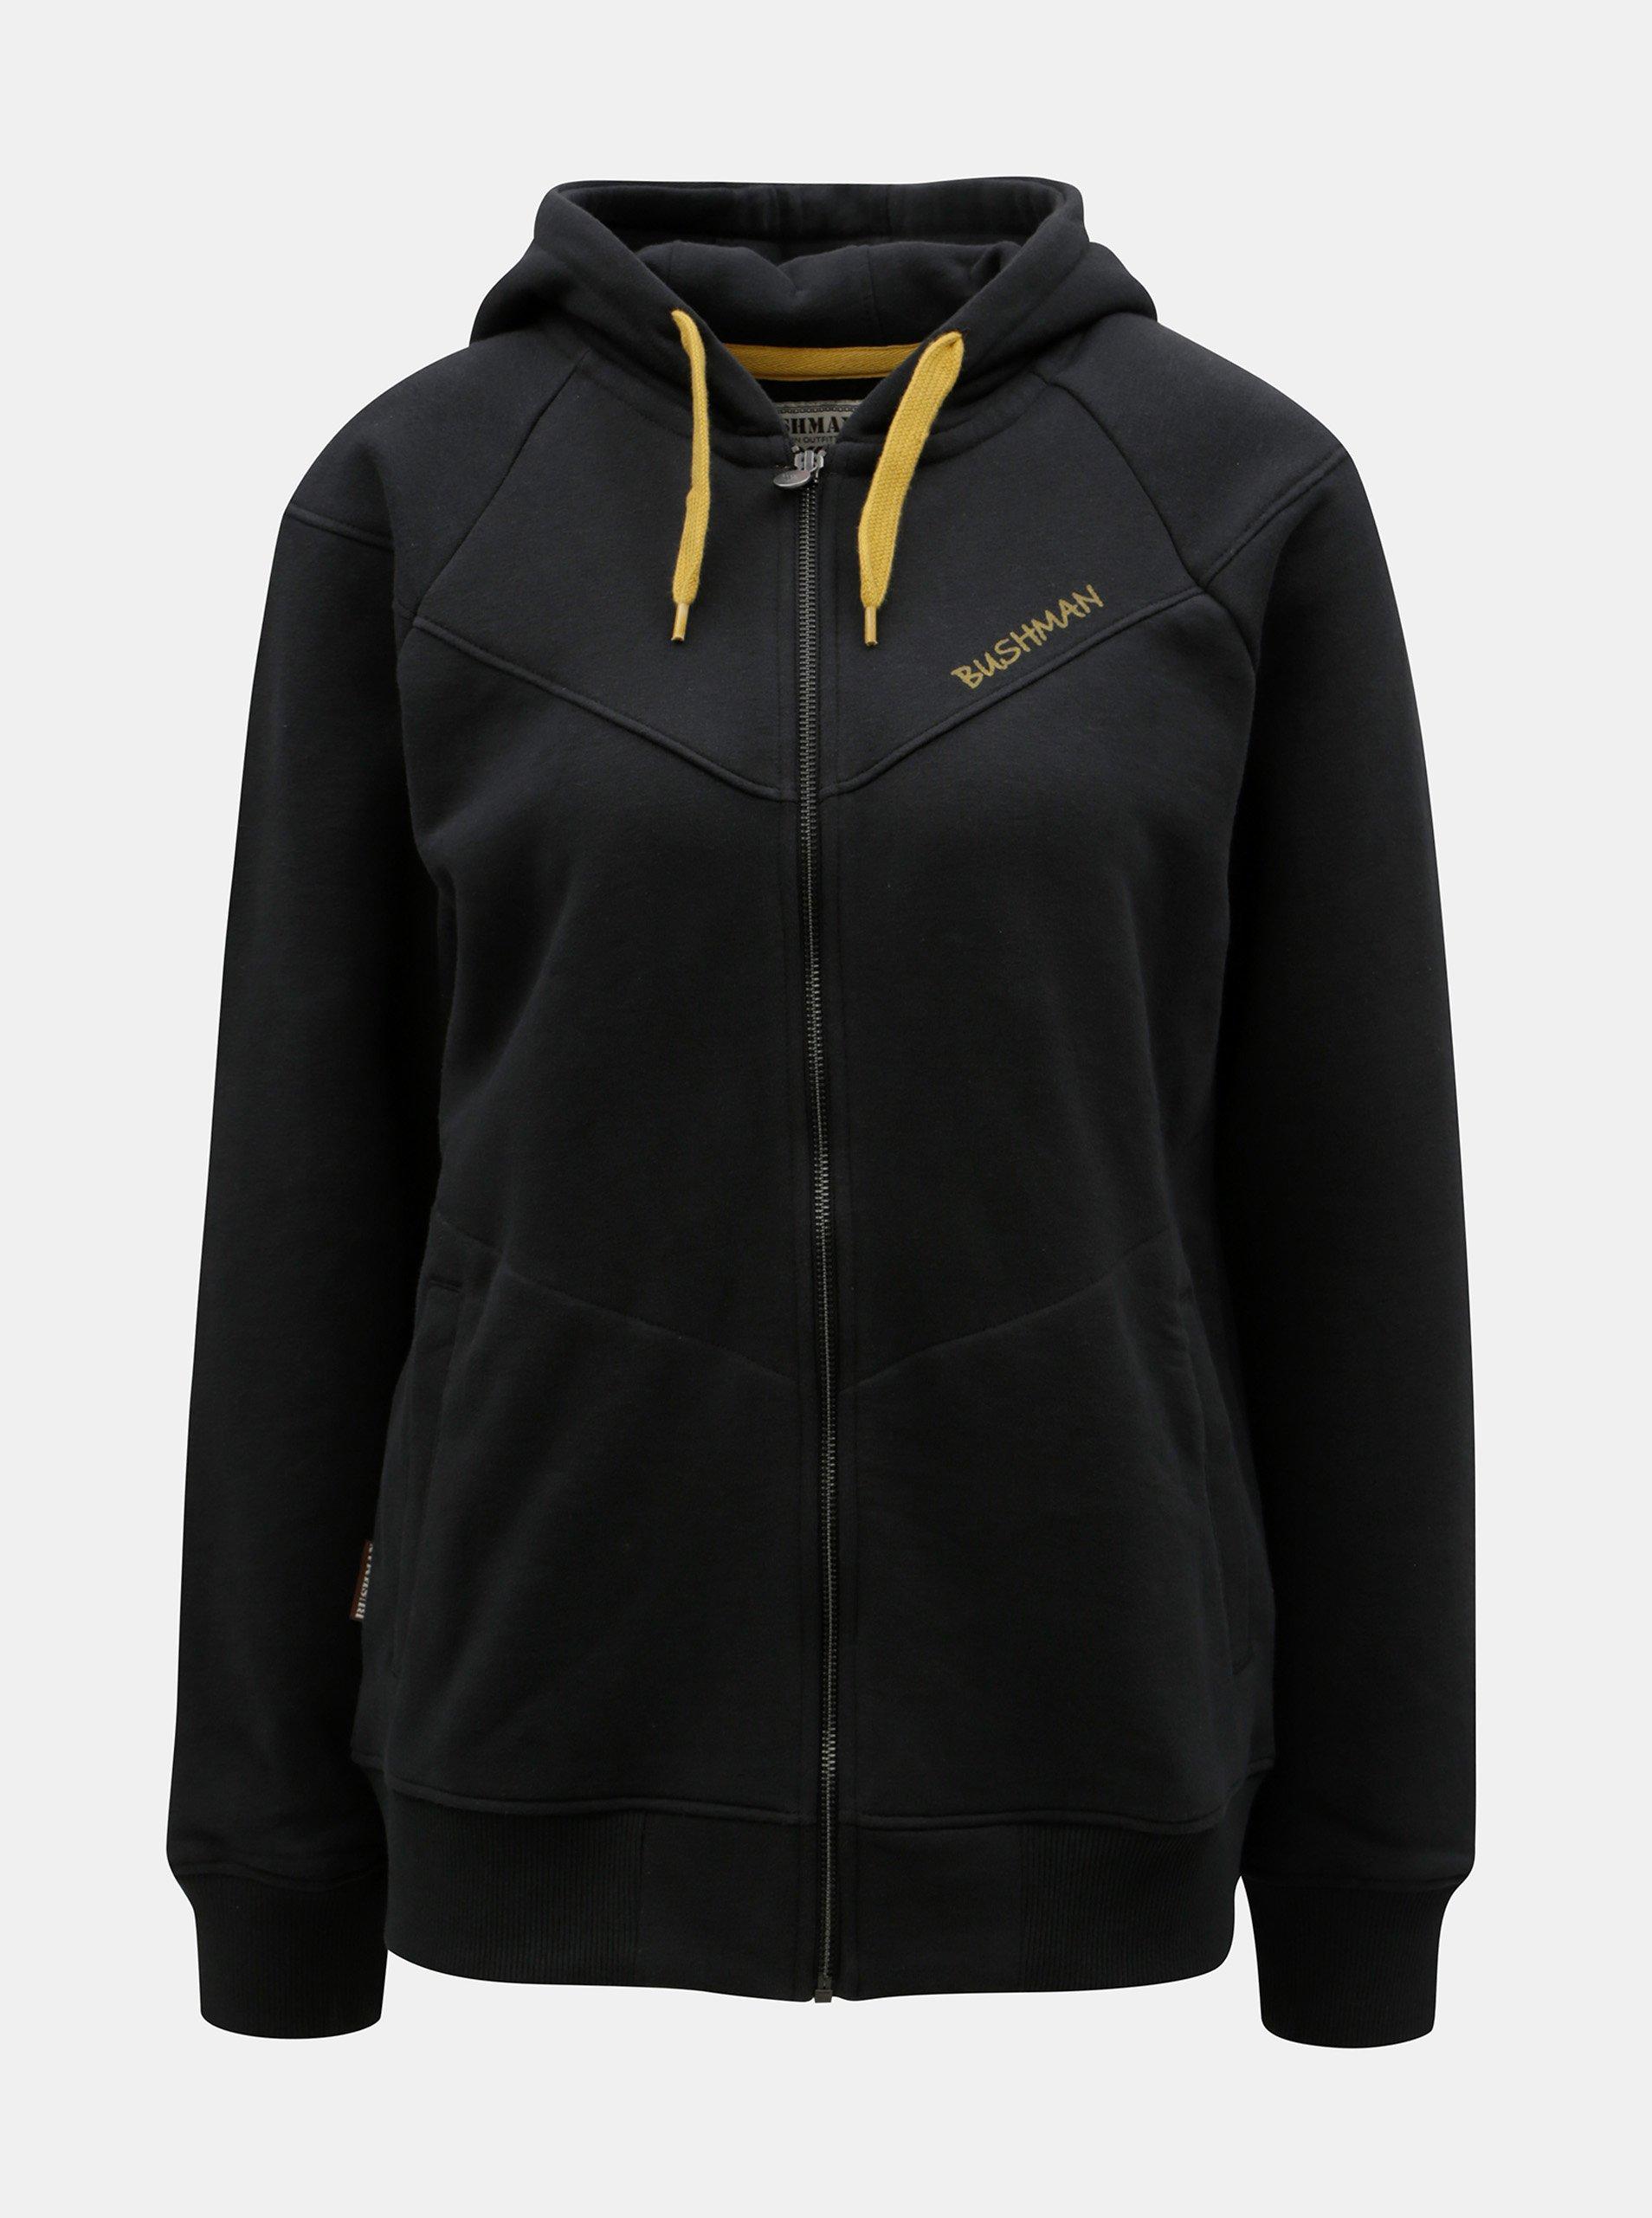 Čierna dámska mikina na zips BUSHMAN Skokie 5f1219749b6